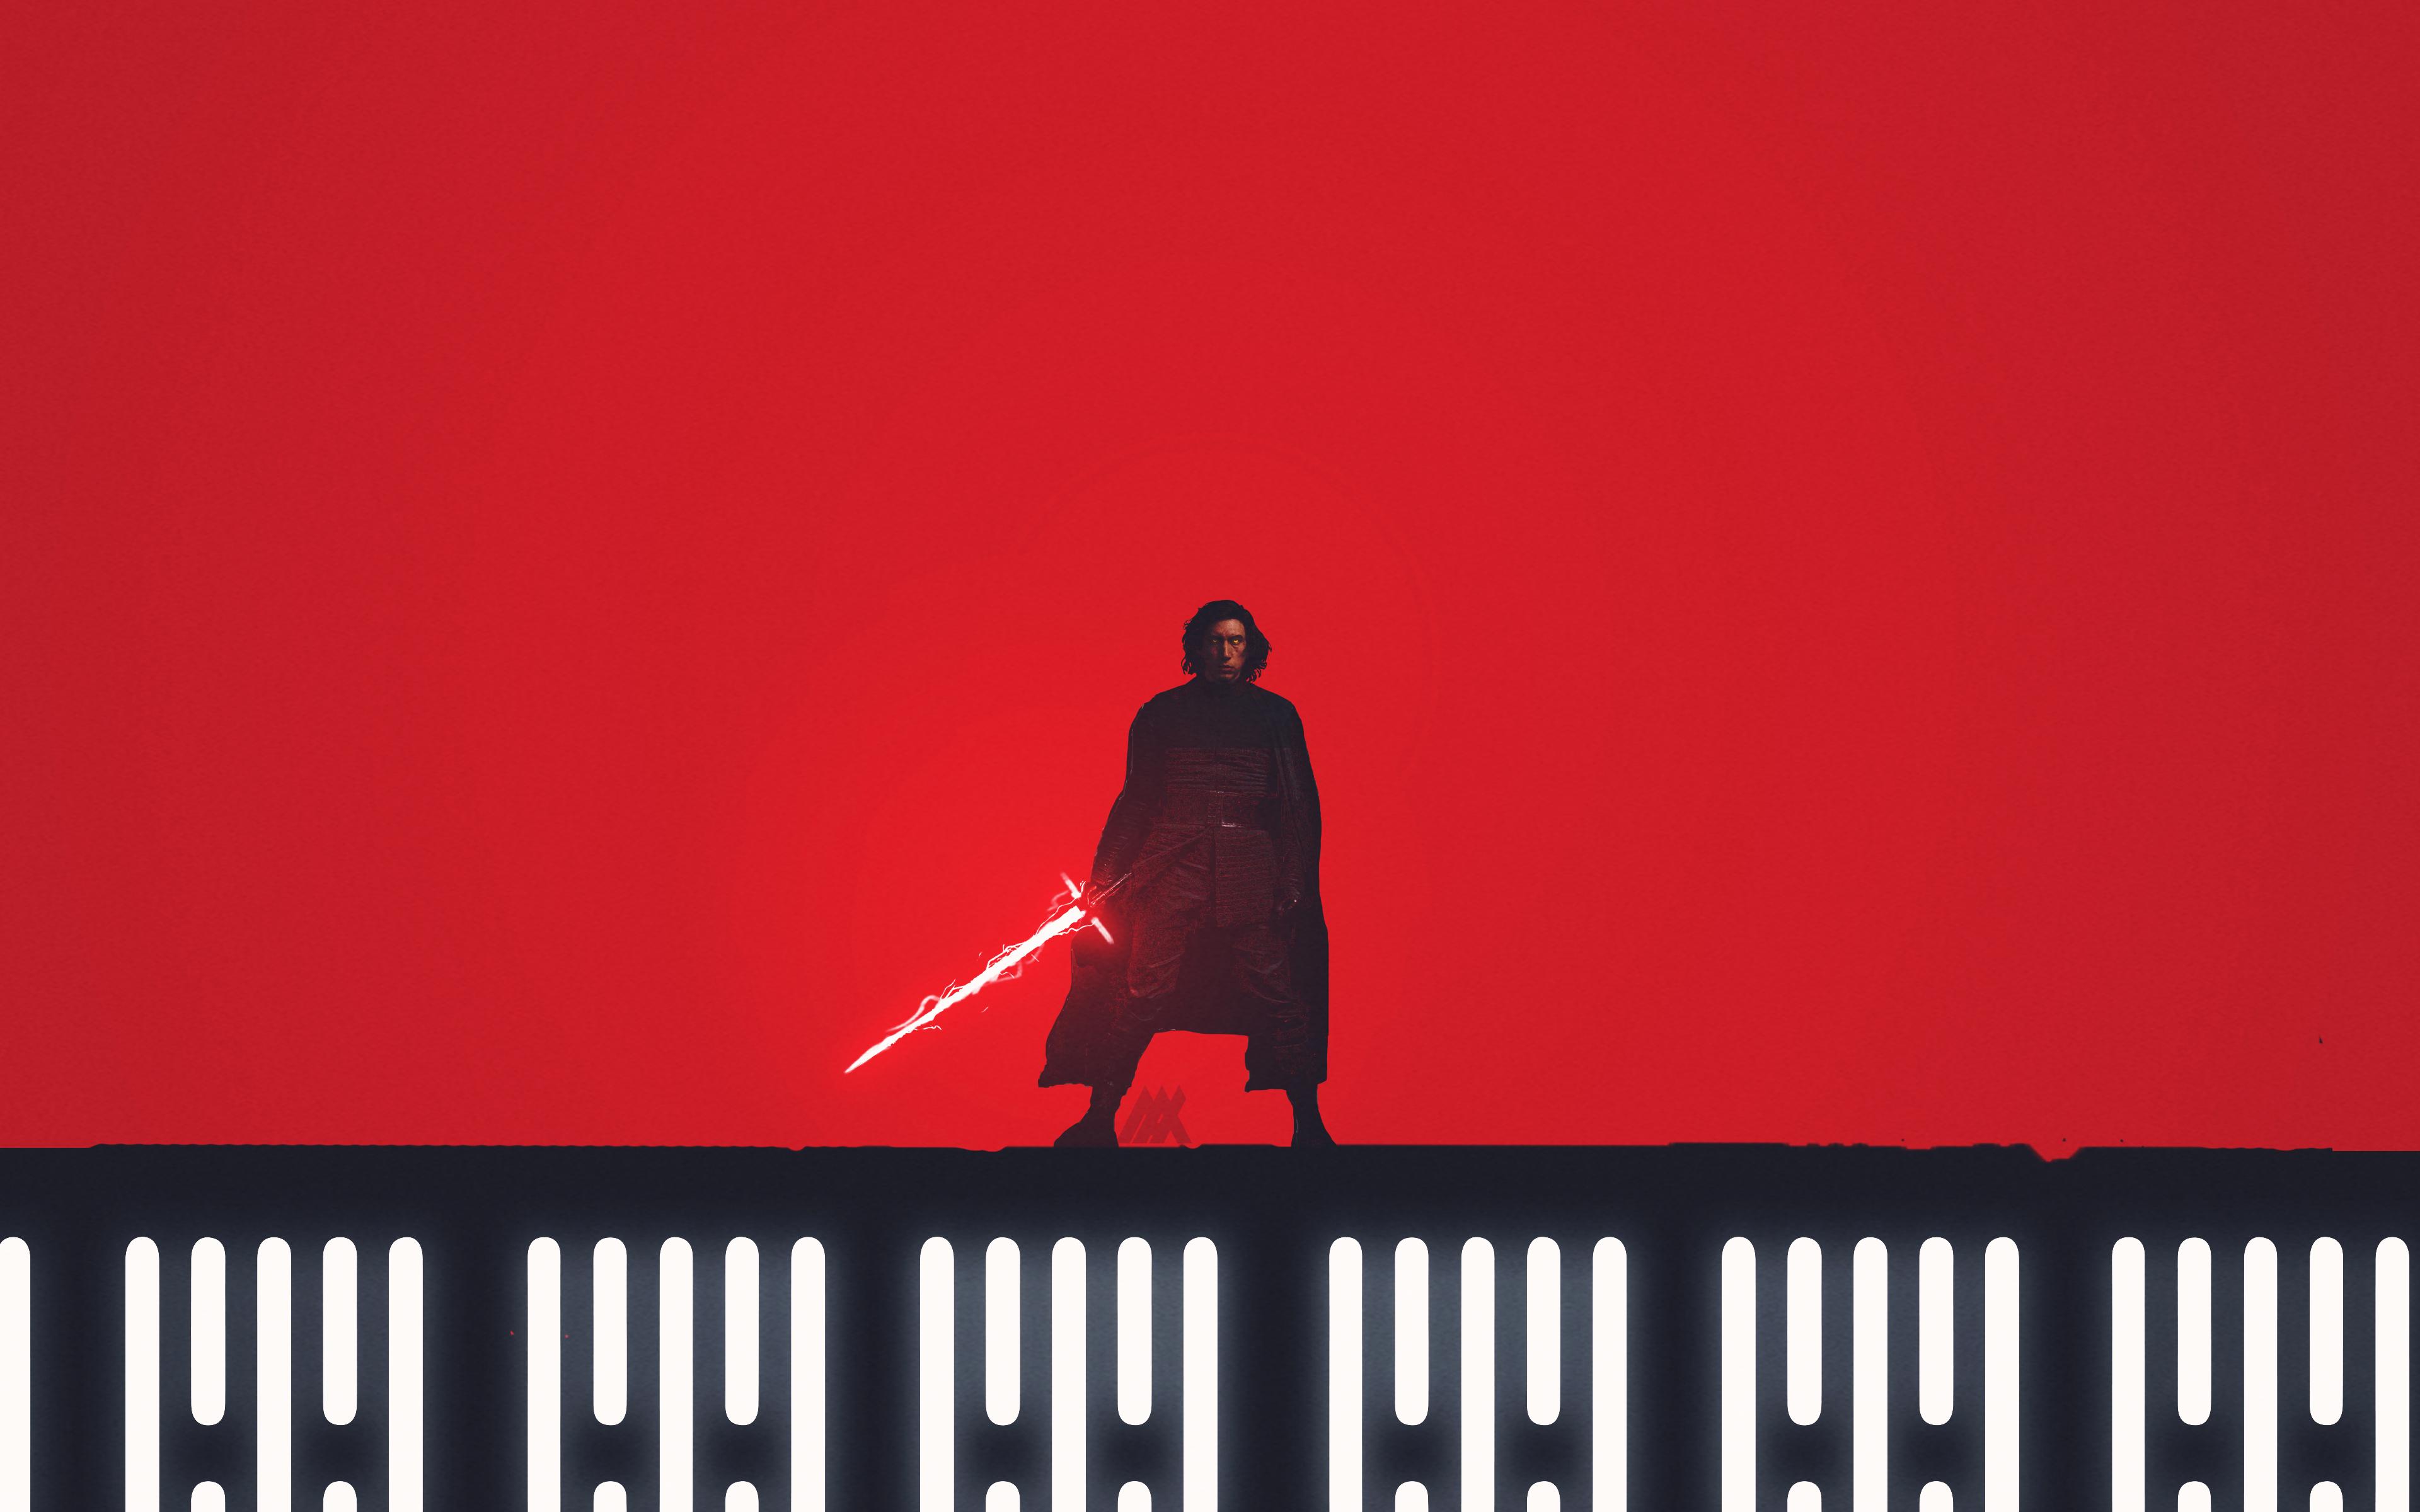 Кайло-kylo РЕН Звездные войны последний джедай художественное произведение обои скачать